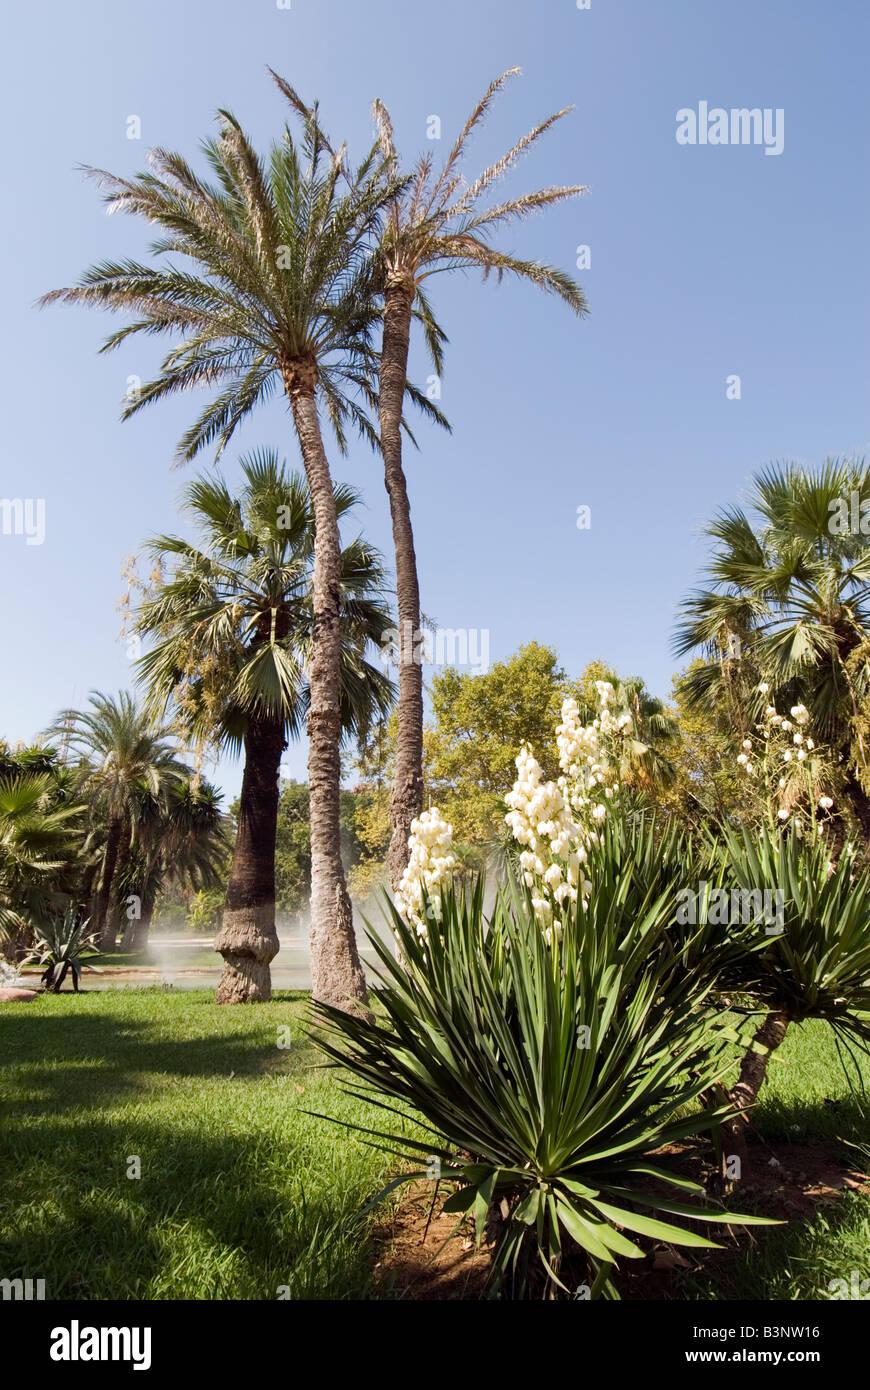 Palm trees in Jardin del Real Viveros in Valencia Spain - Stock Image